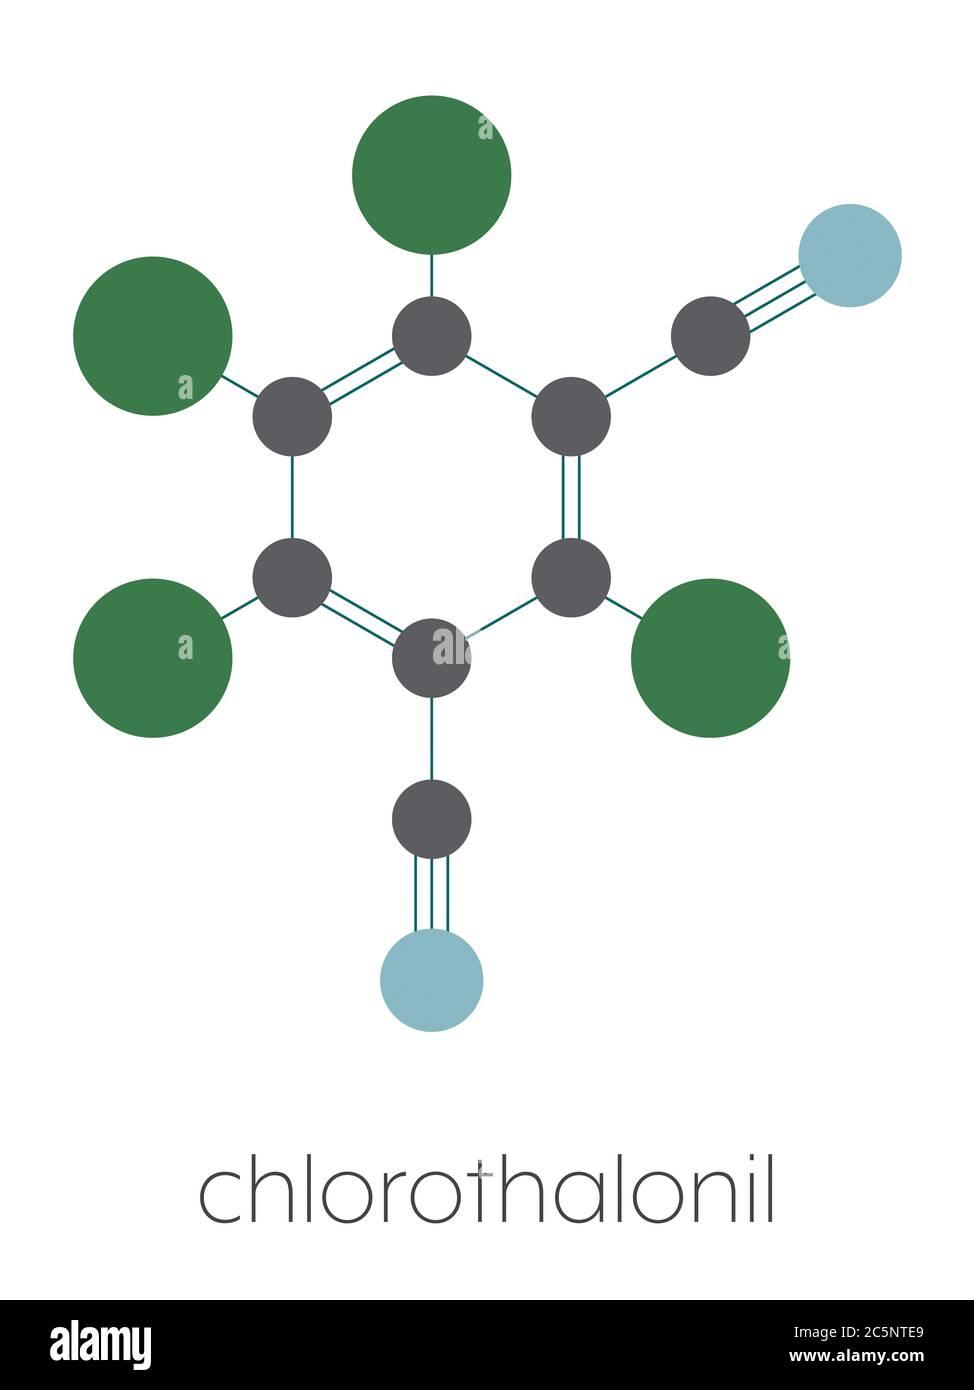 Molécule de pesticide chlorthalonil. Formule squelettique stylisée (structure chimique) : les atomes sont représentés par des cercles de couleur : carbone (gris), azote (bleu), chlore (vert). Banque D'Images